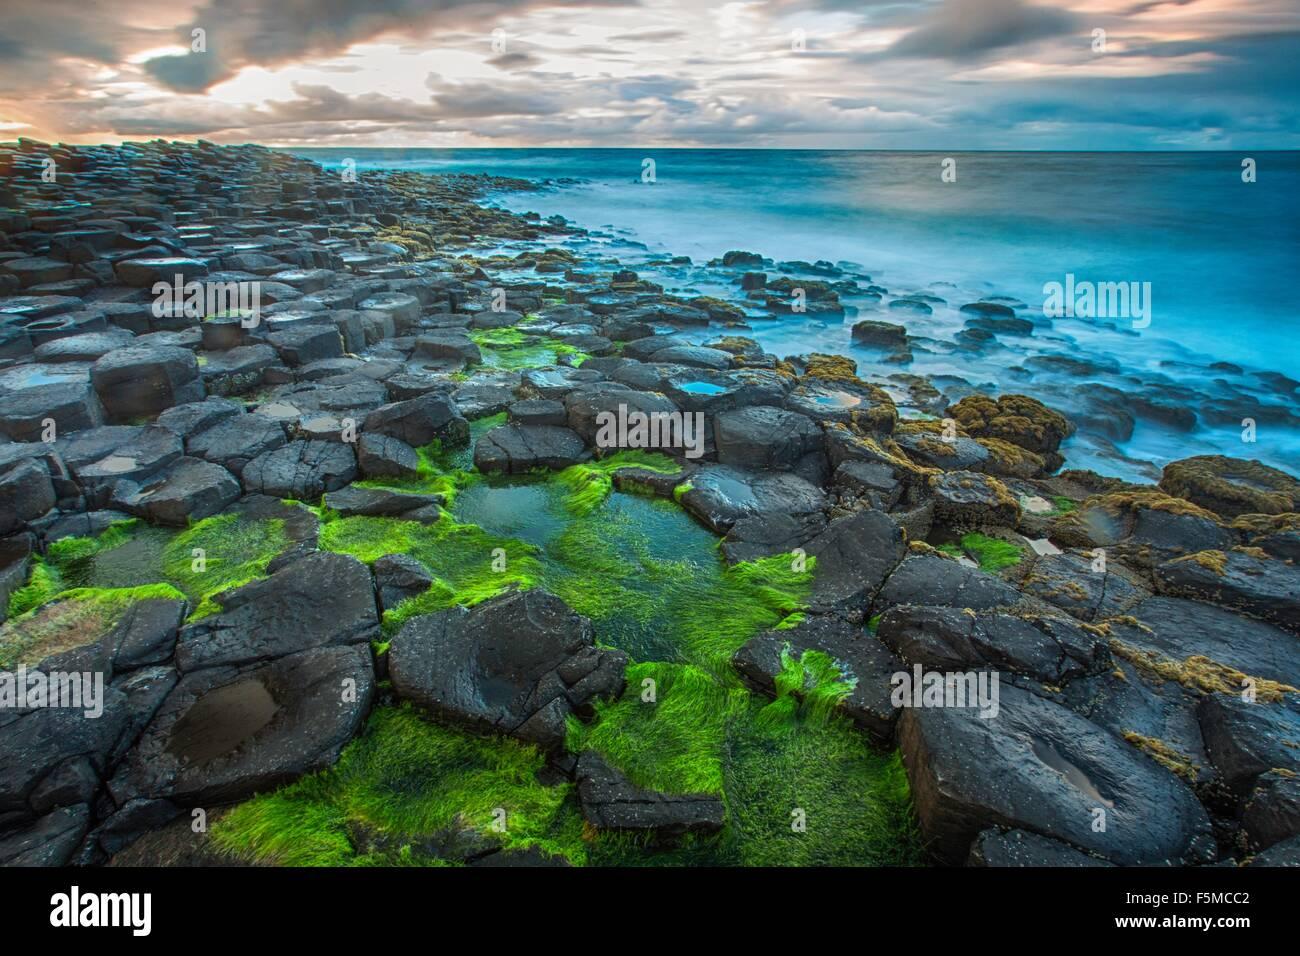 Angolo di alta vista di moss coperto Giants Causeway e blu oceano, Bushmills, County Antrim, Irlanda, Regno Unito Foto Stock